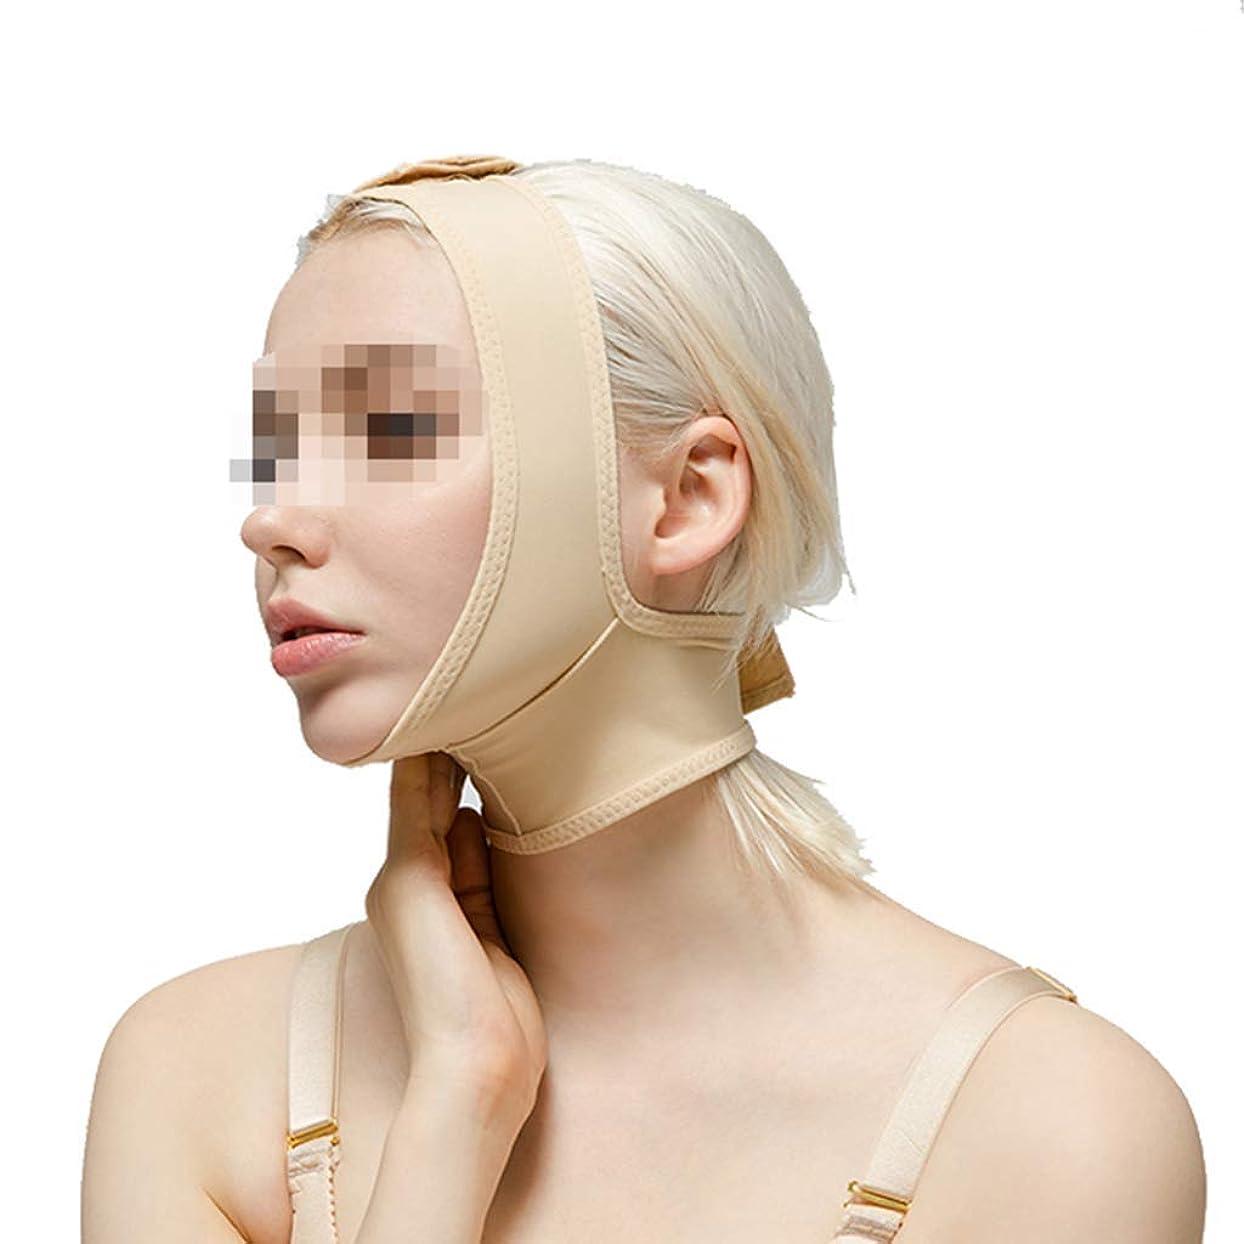 再生かんがい同化術後伸縮性スリーブ、下顎束フェイスバンデージフェイシャルビームダブルチンシンフェイスマスクマルチサイズオプション(サイズ:L),ザ?